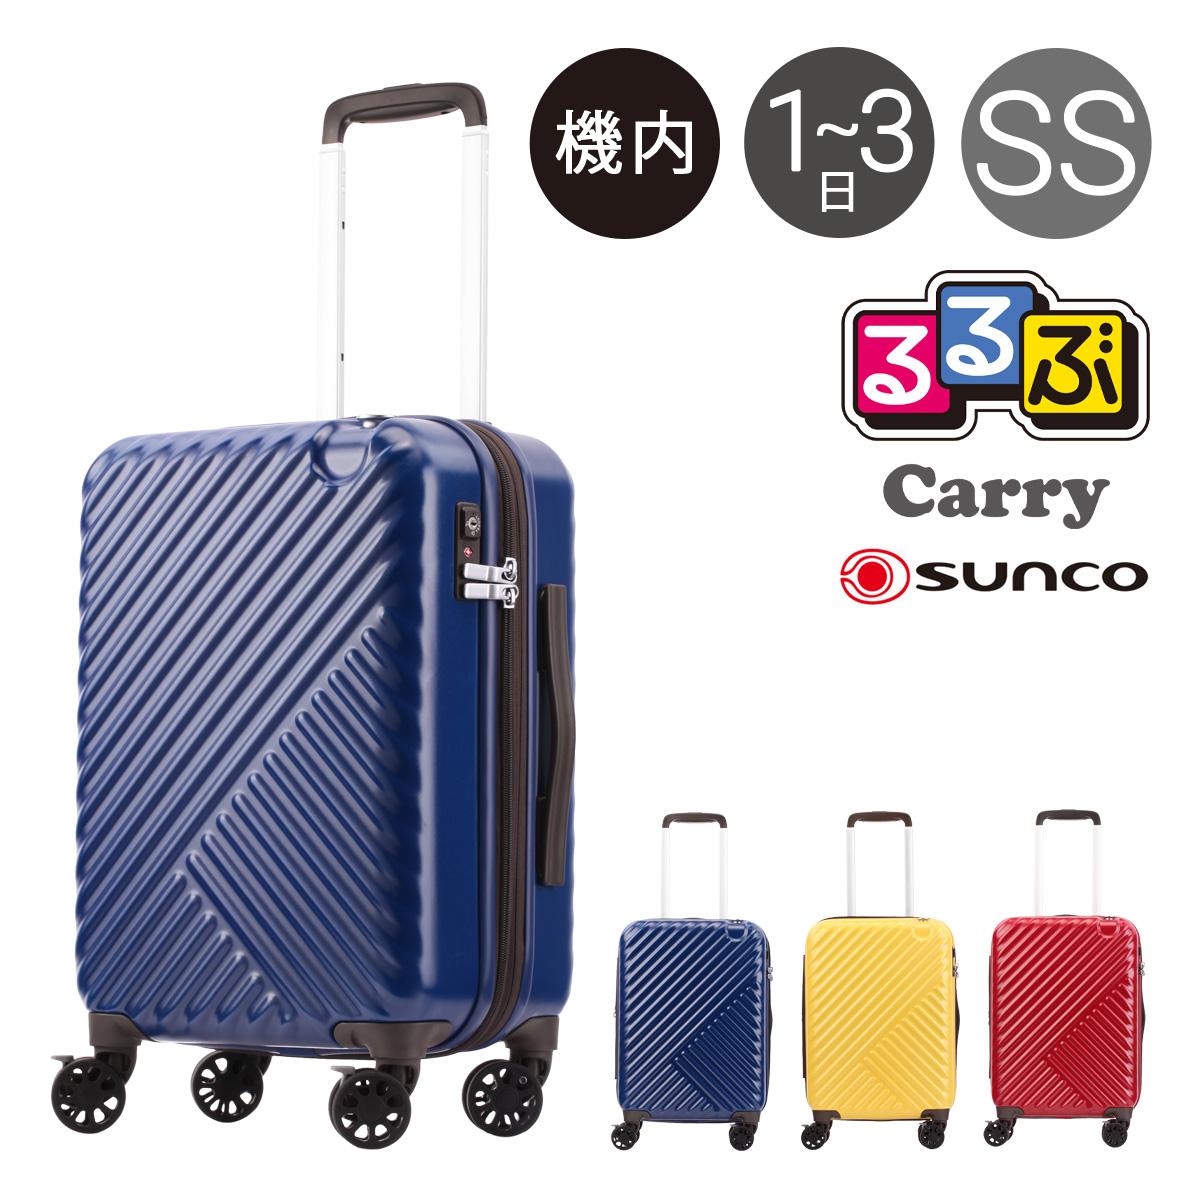 サンコー スーツケース 機内持ち込み 32L 46cm 2.8kg るるぶキャリー RRBZ-46 SUNCO|ハード ファスナー キャリーバッグ キャリーケース 拡張 ストッパー付き TSAロック搭載 HINOMOTO[bef]